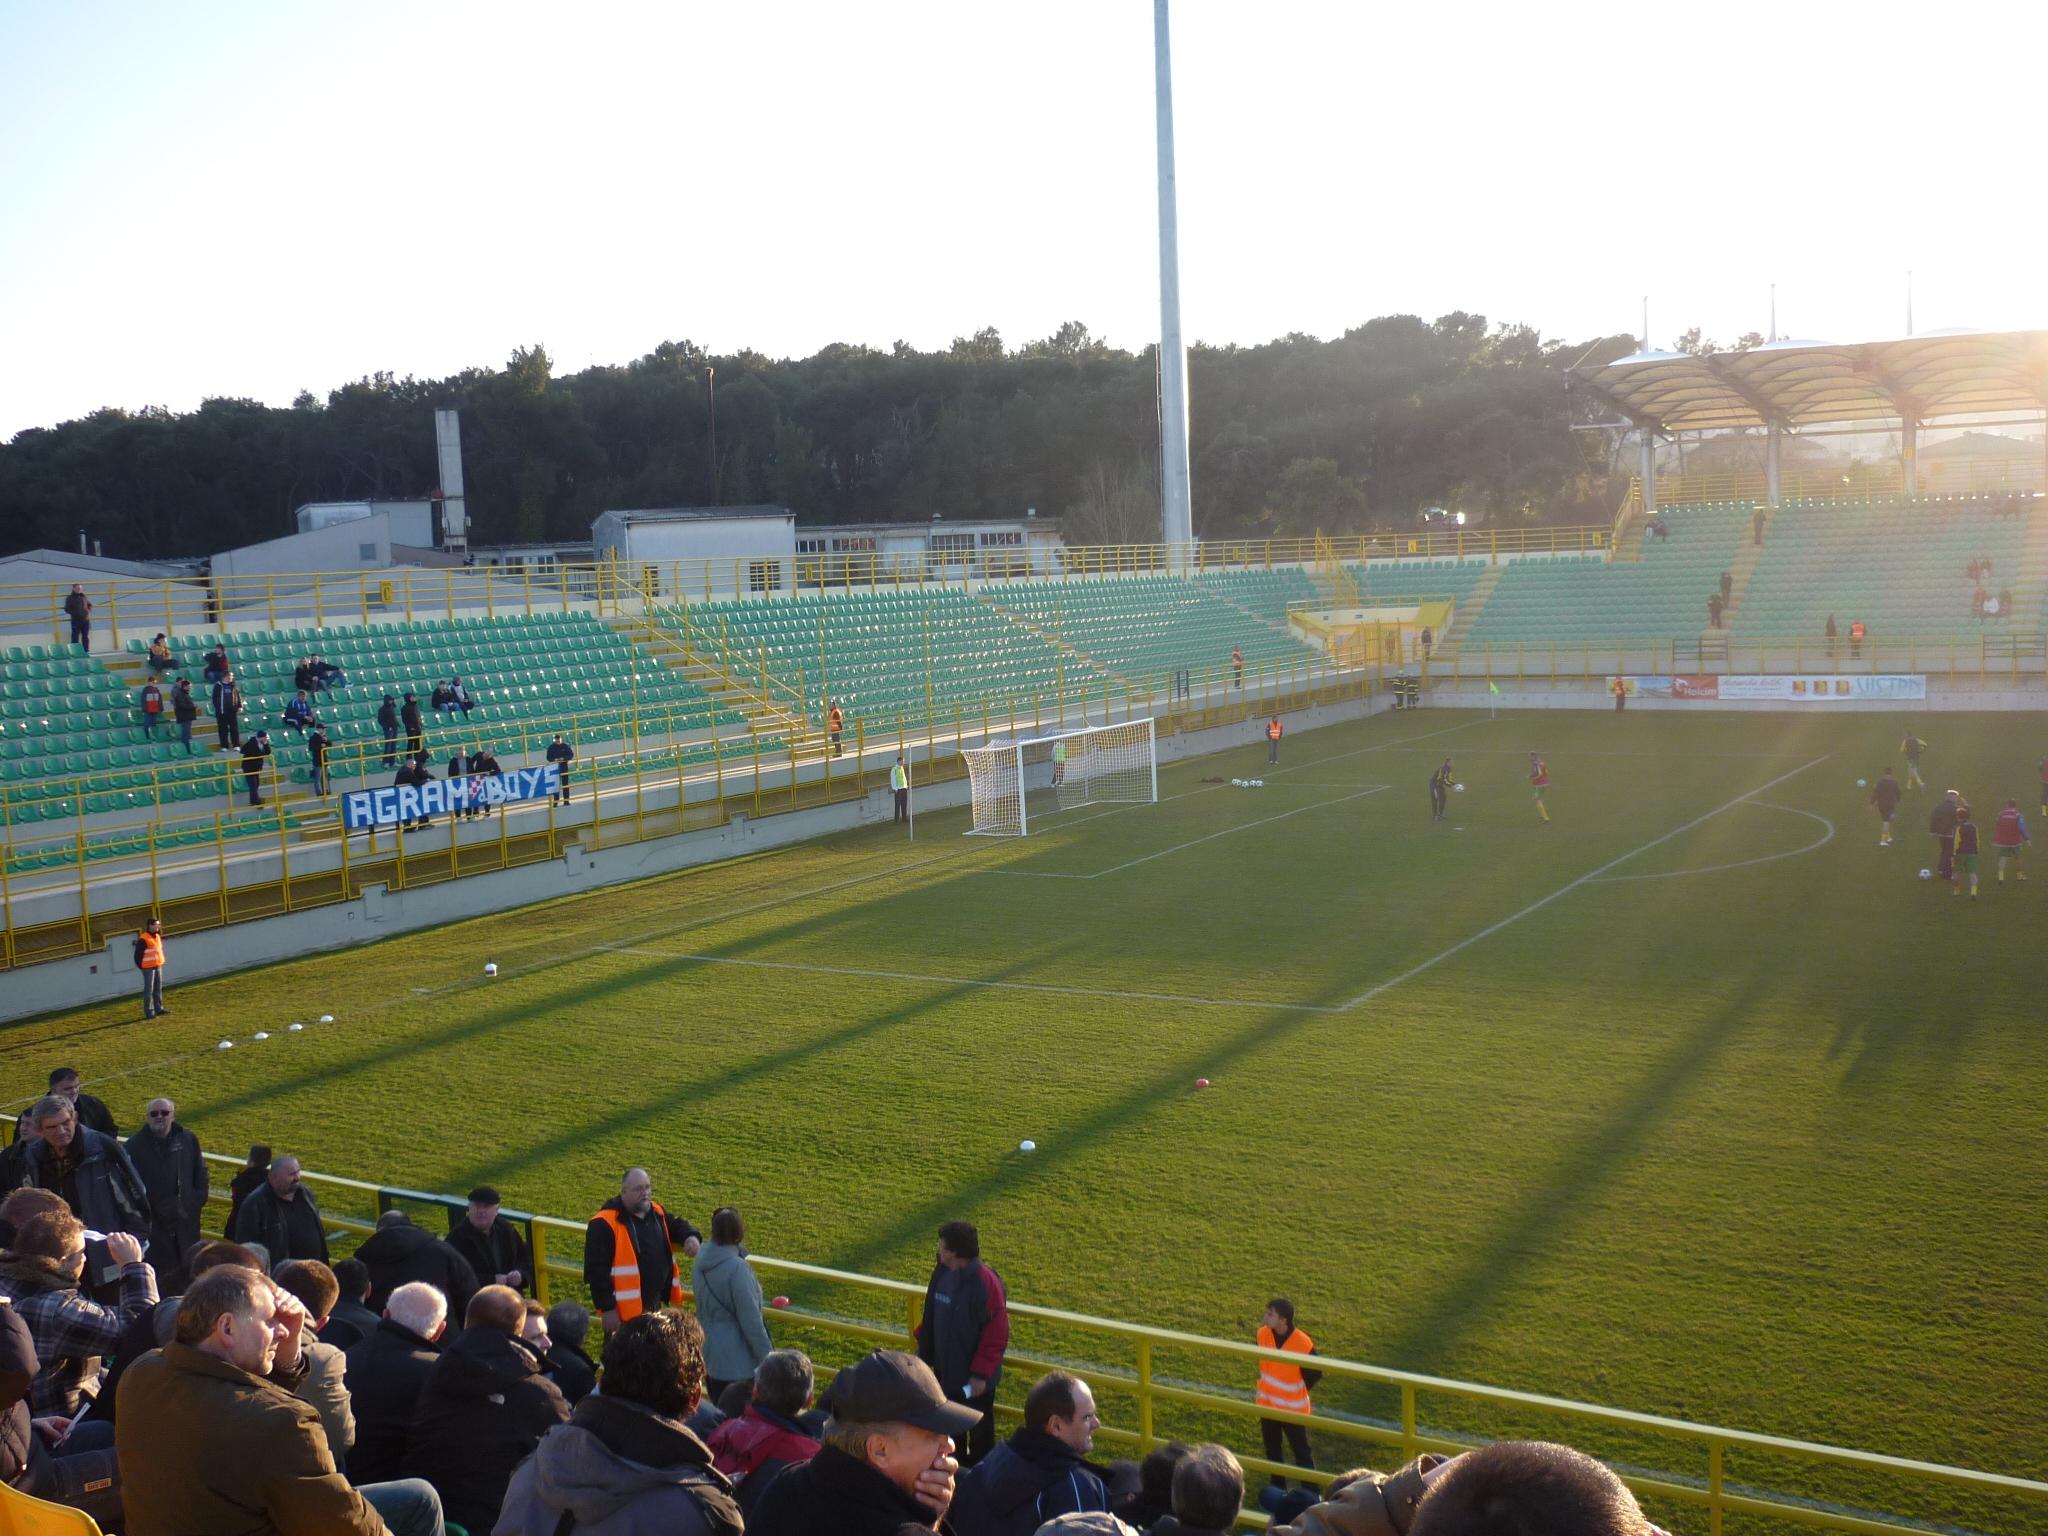 Depiction of Estadio Aldo Drosina